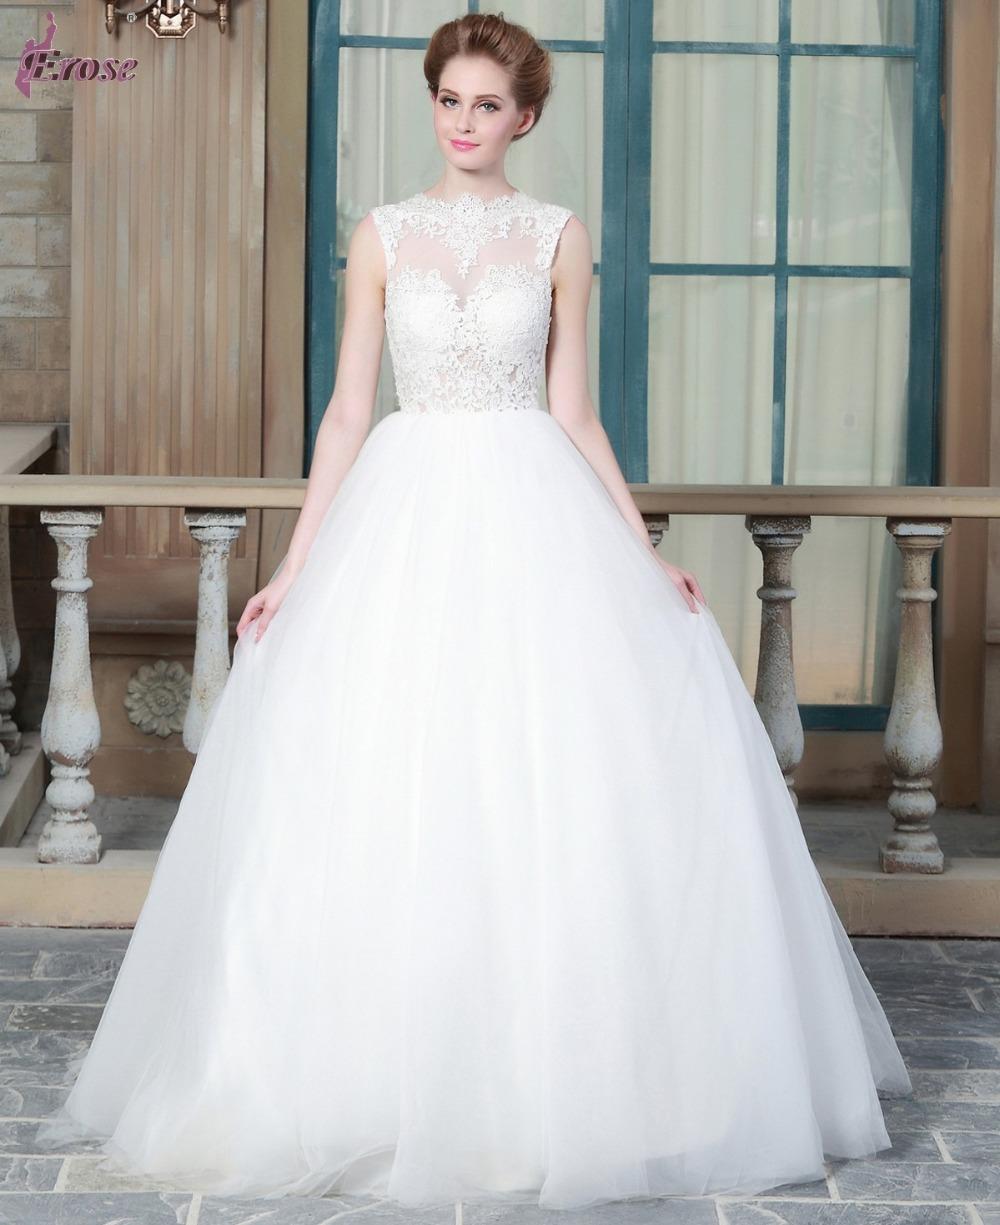 Comprar vestido de novia en china